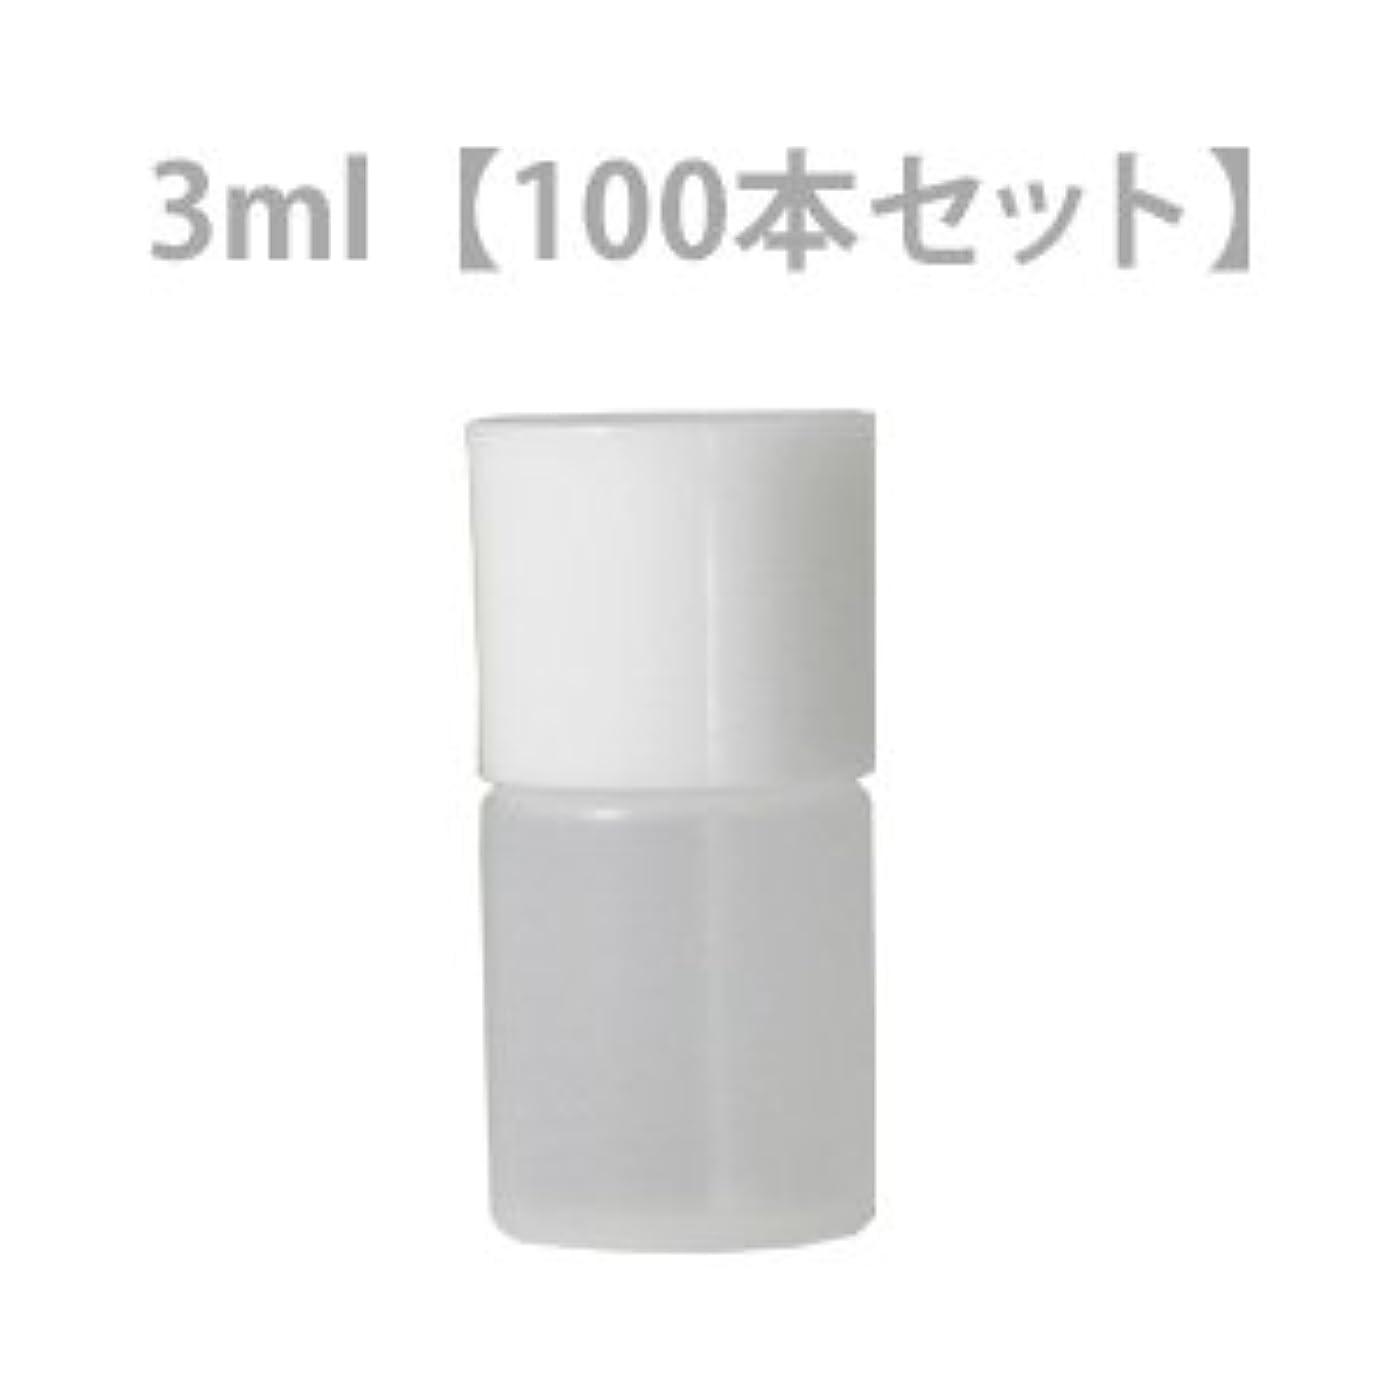 再集計ロイヤリティ願う穴あき中栓付きミニボトル 化粧品容器 3ml 100本セット